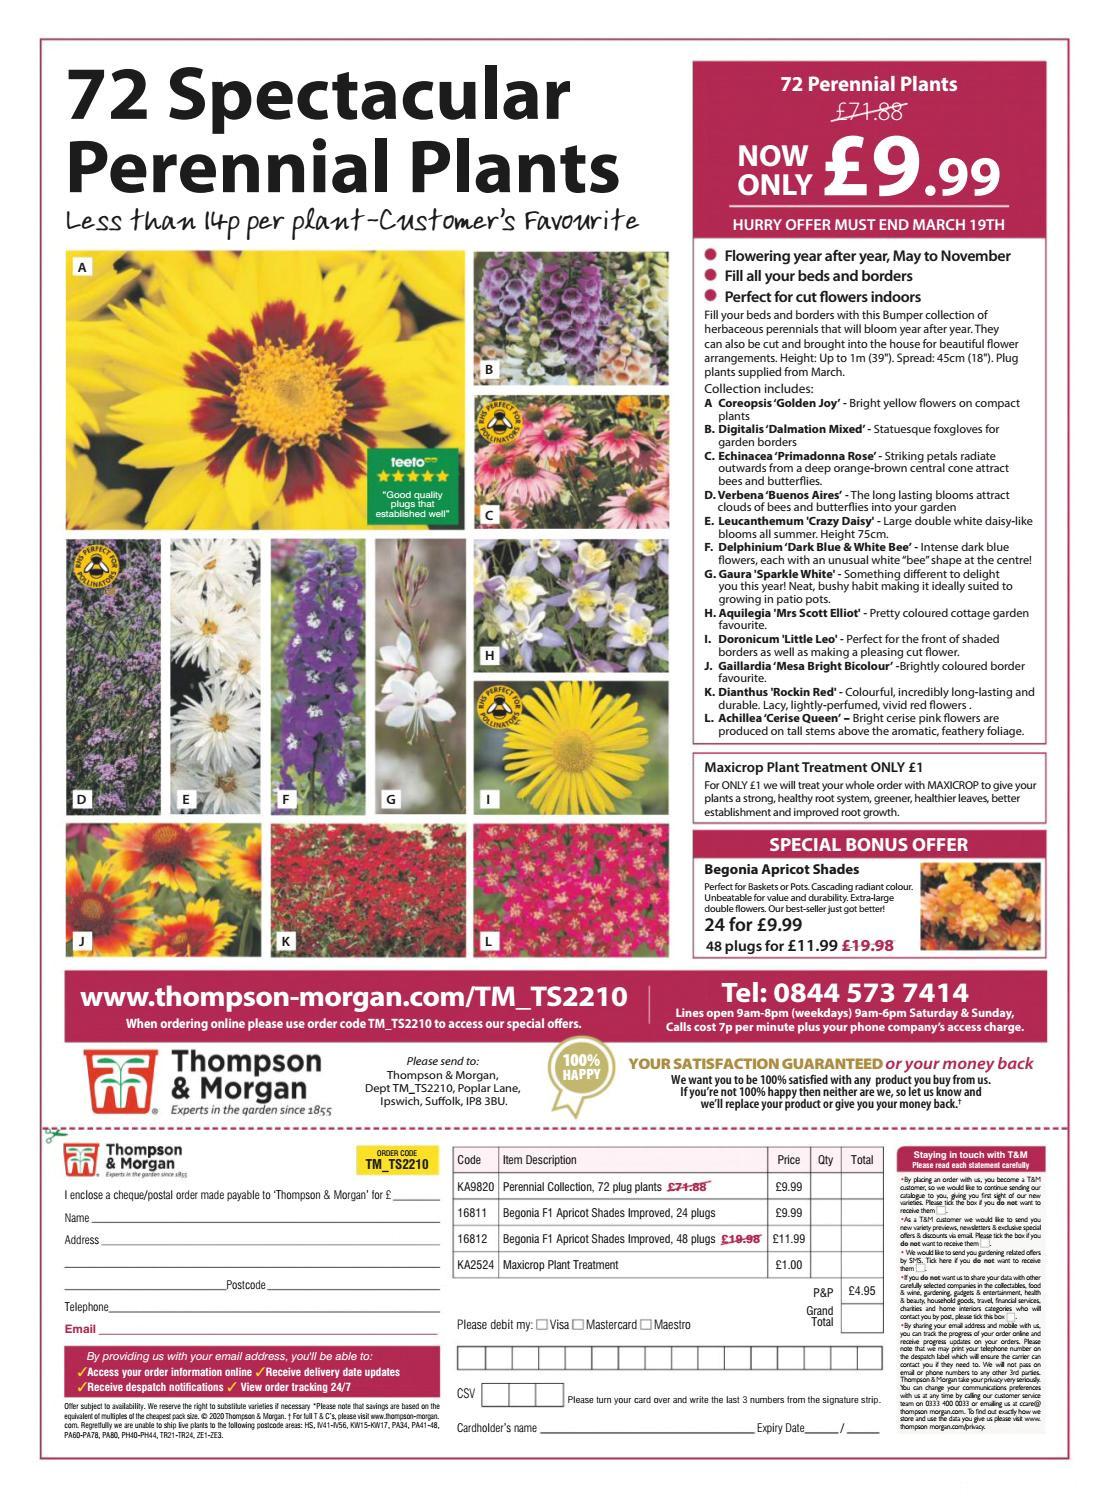 Card Your Yard Flower Mound Gsddewfgedq by Verano22 issuu